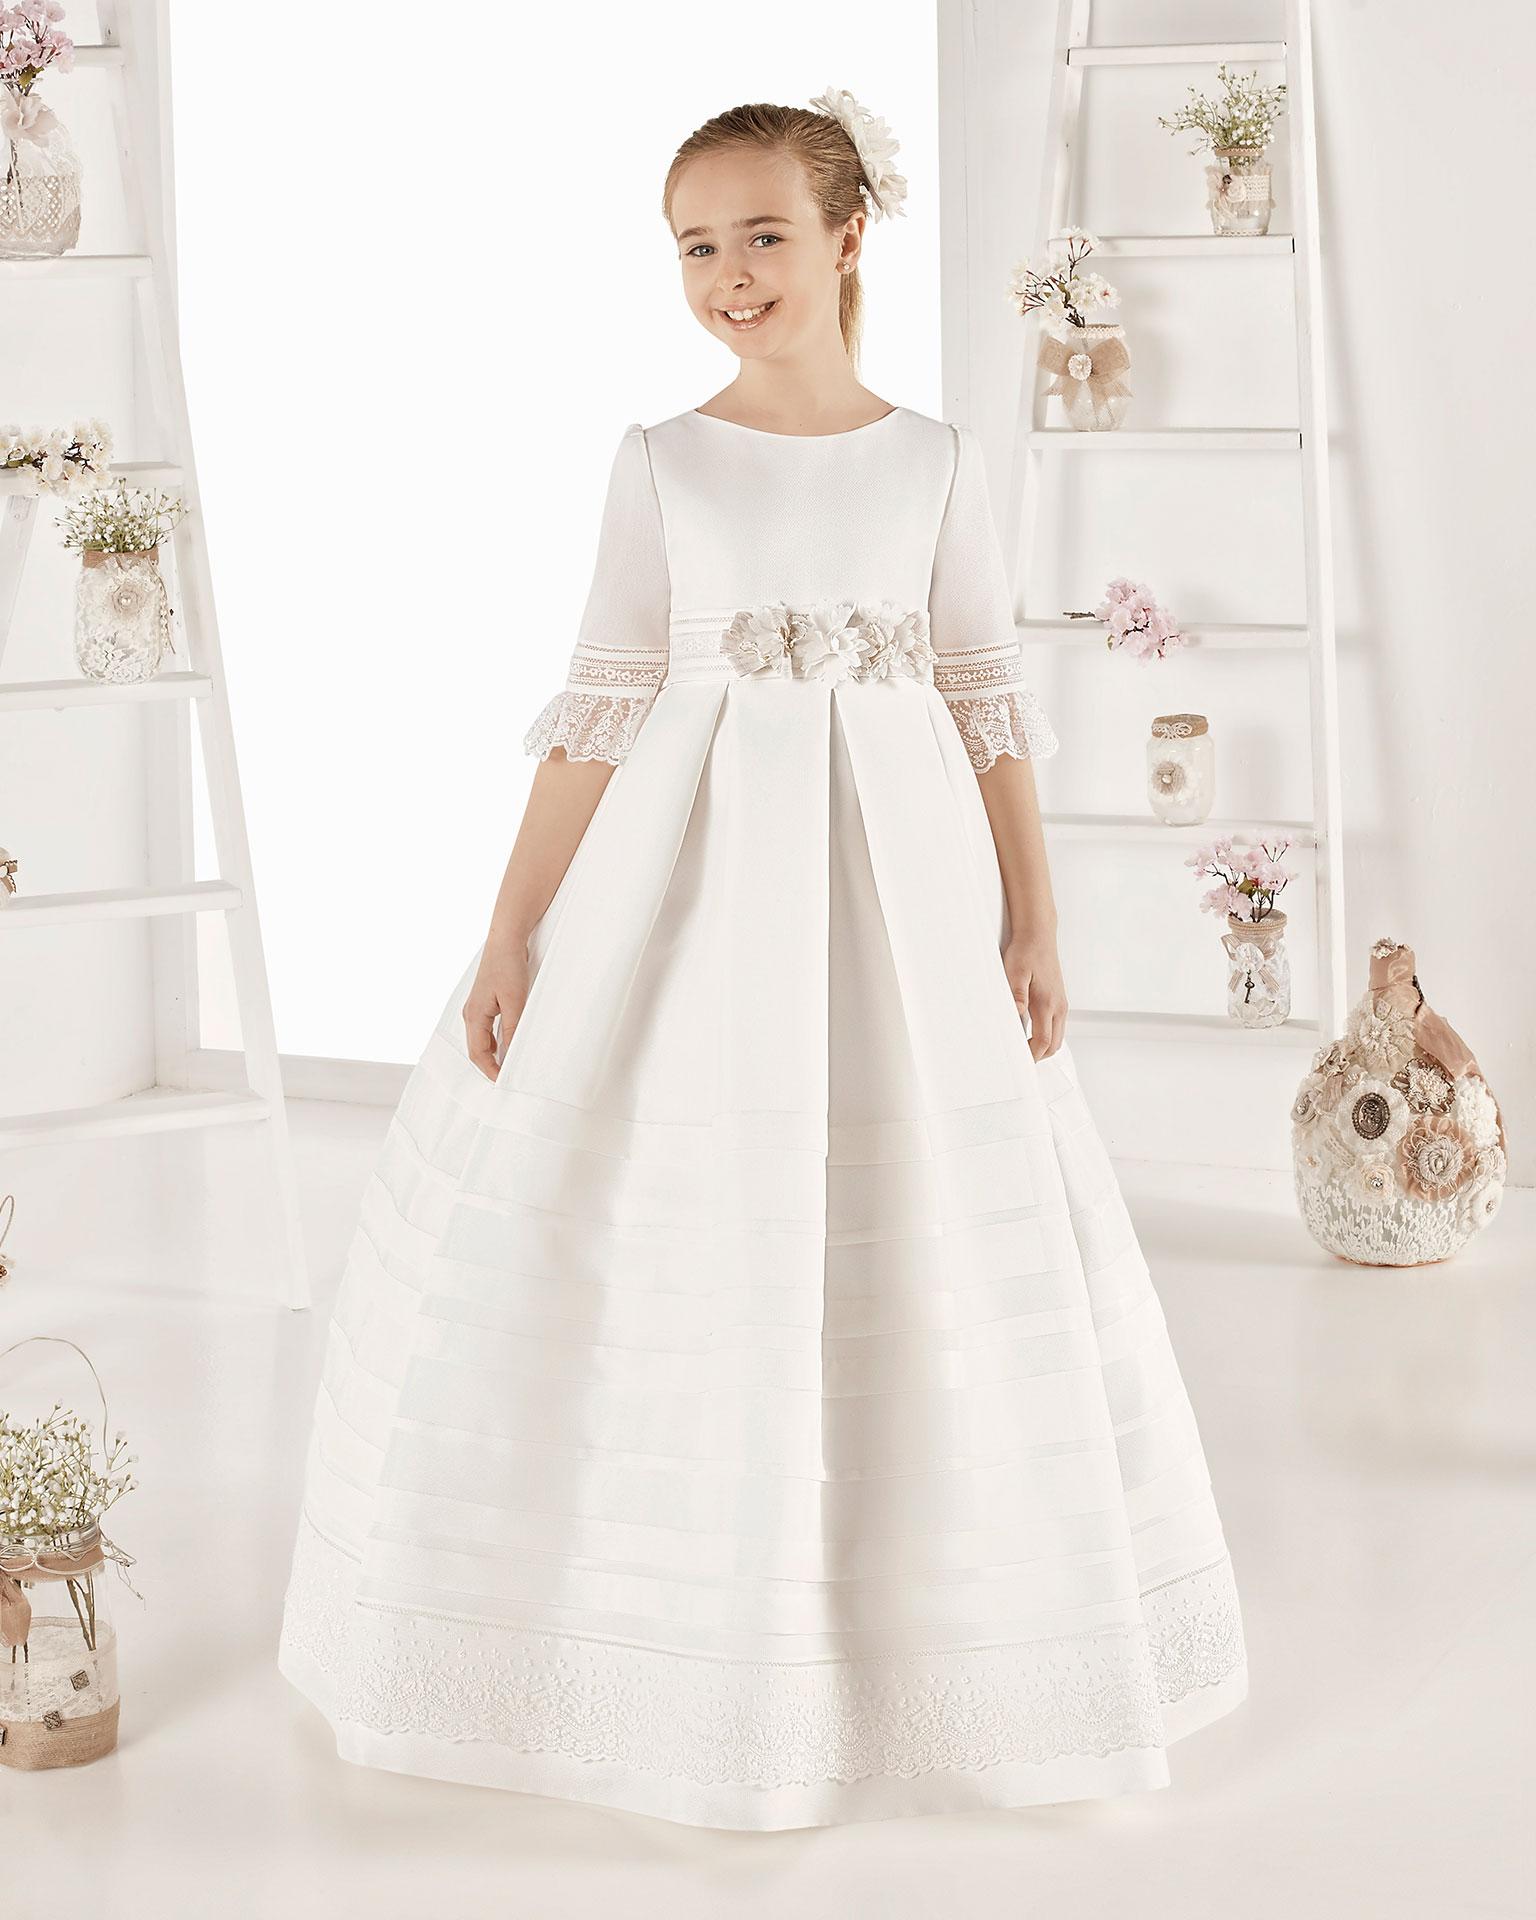 Robe de communion style classique avec plis en natté. Avec taille basse. Disponible en couleur ivoire. Collection AIRE COMUNION 2019.